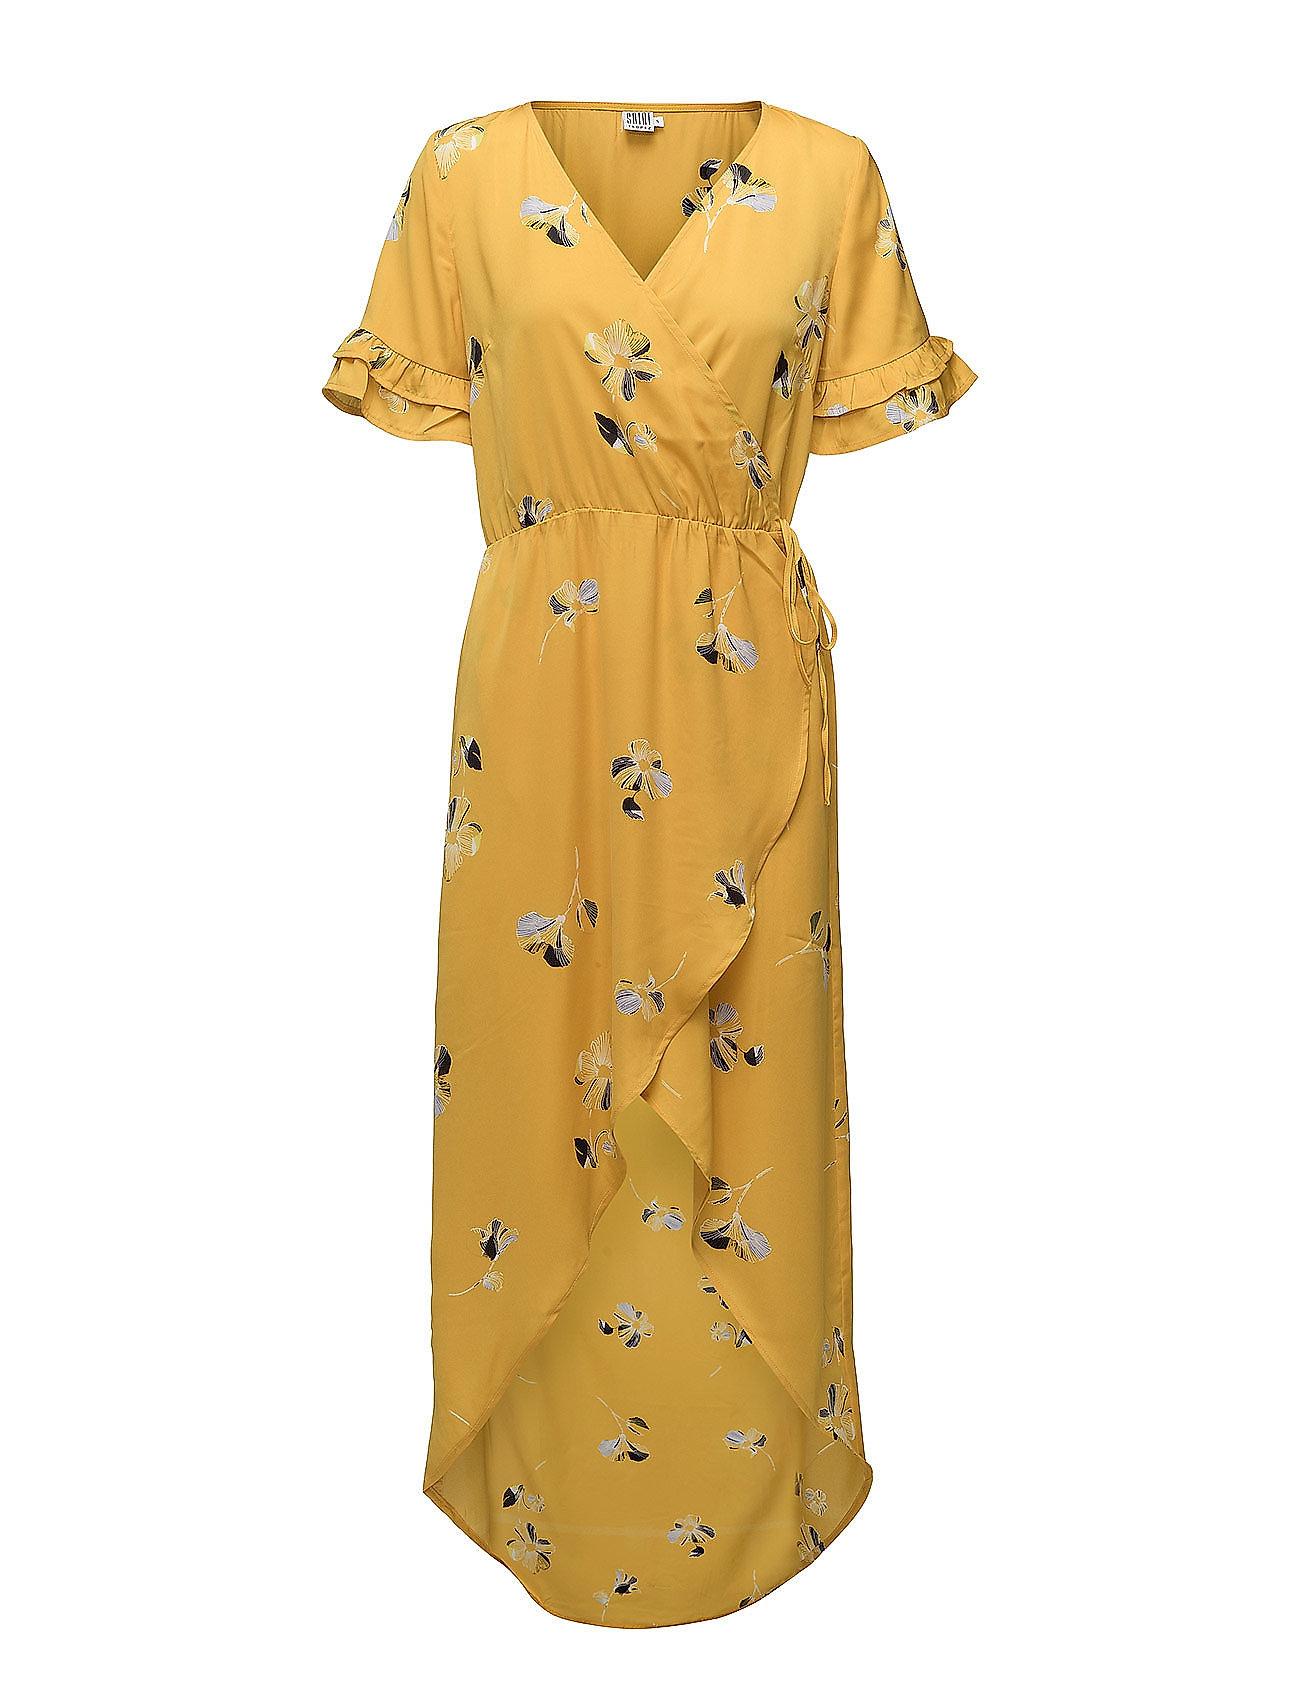 Saint Tropez LARGE FLOWER P WRAP OVER DRESS